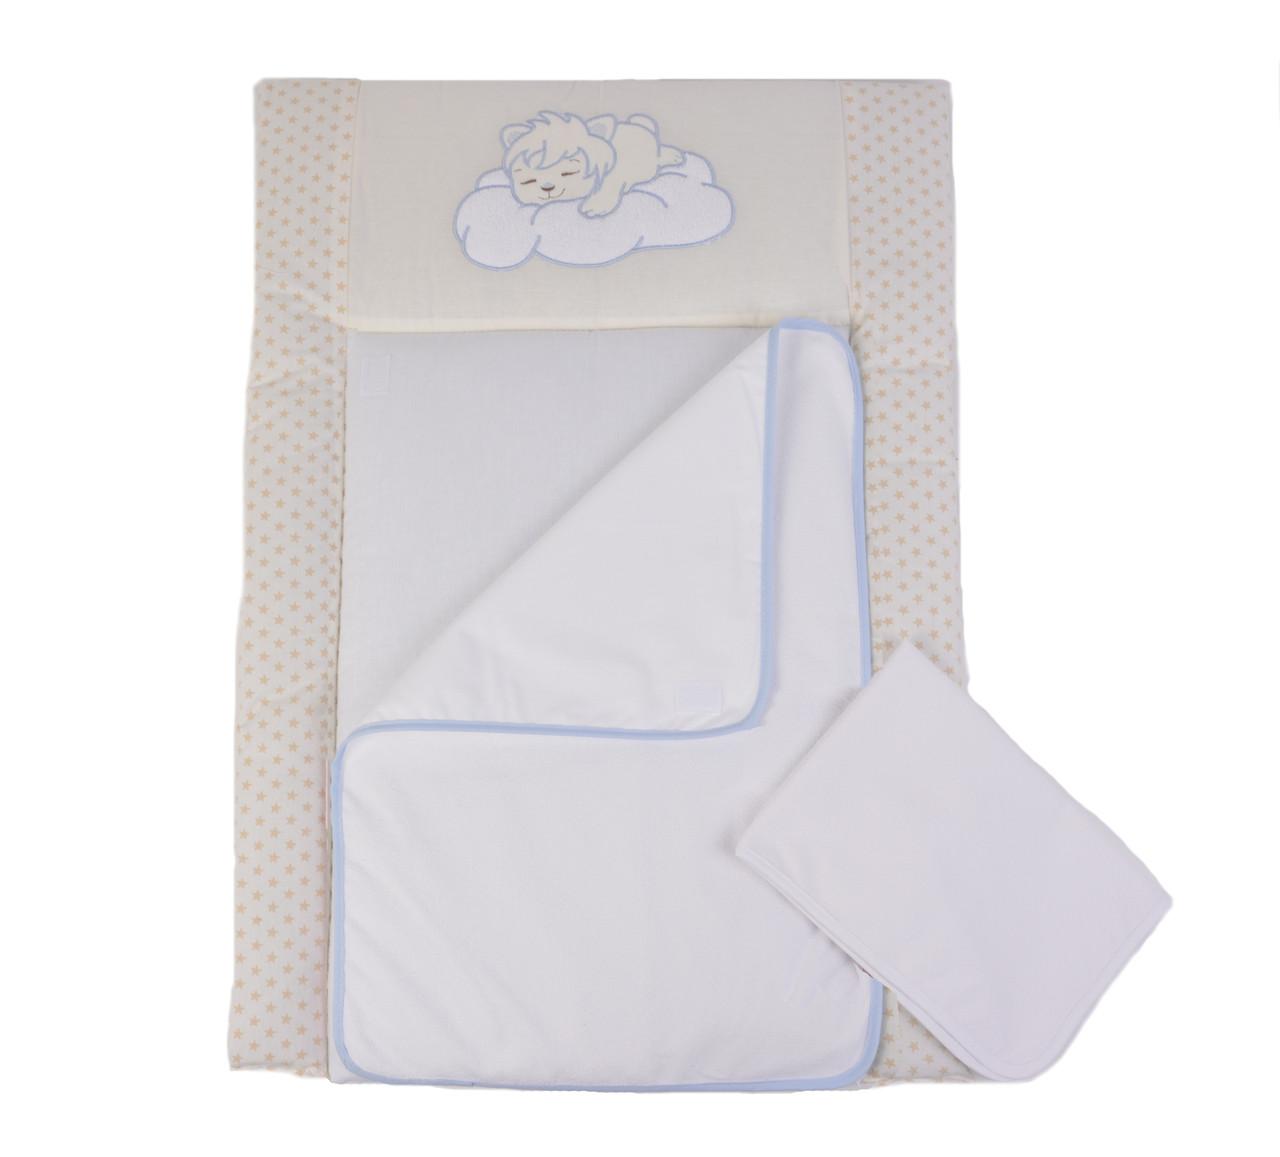 Пеленальный матрас для новорожденных тканевый Veres Sleepyhead blue